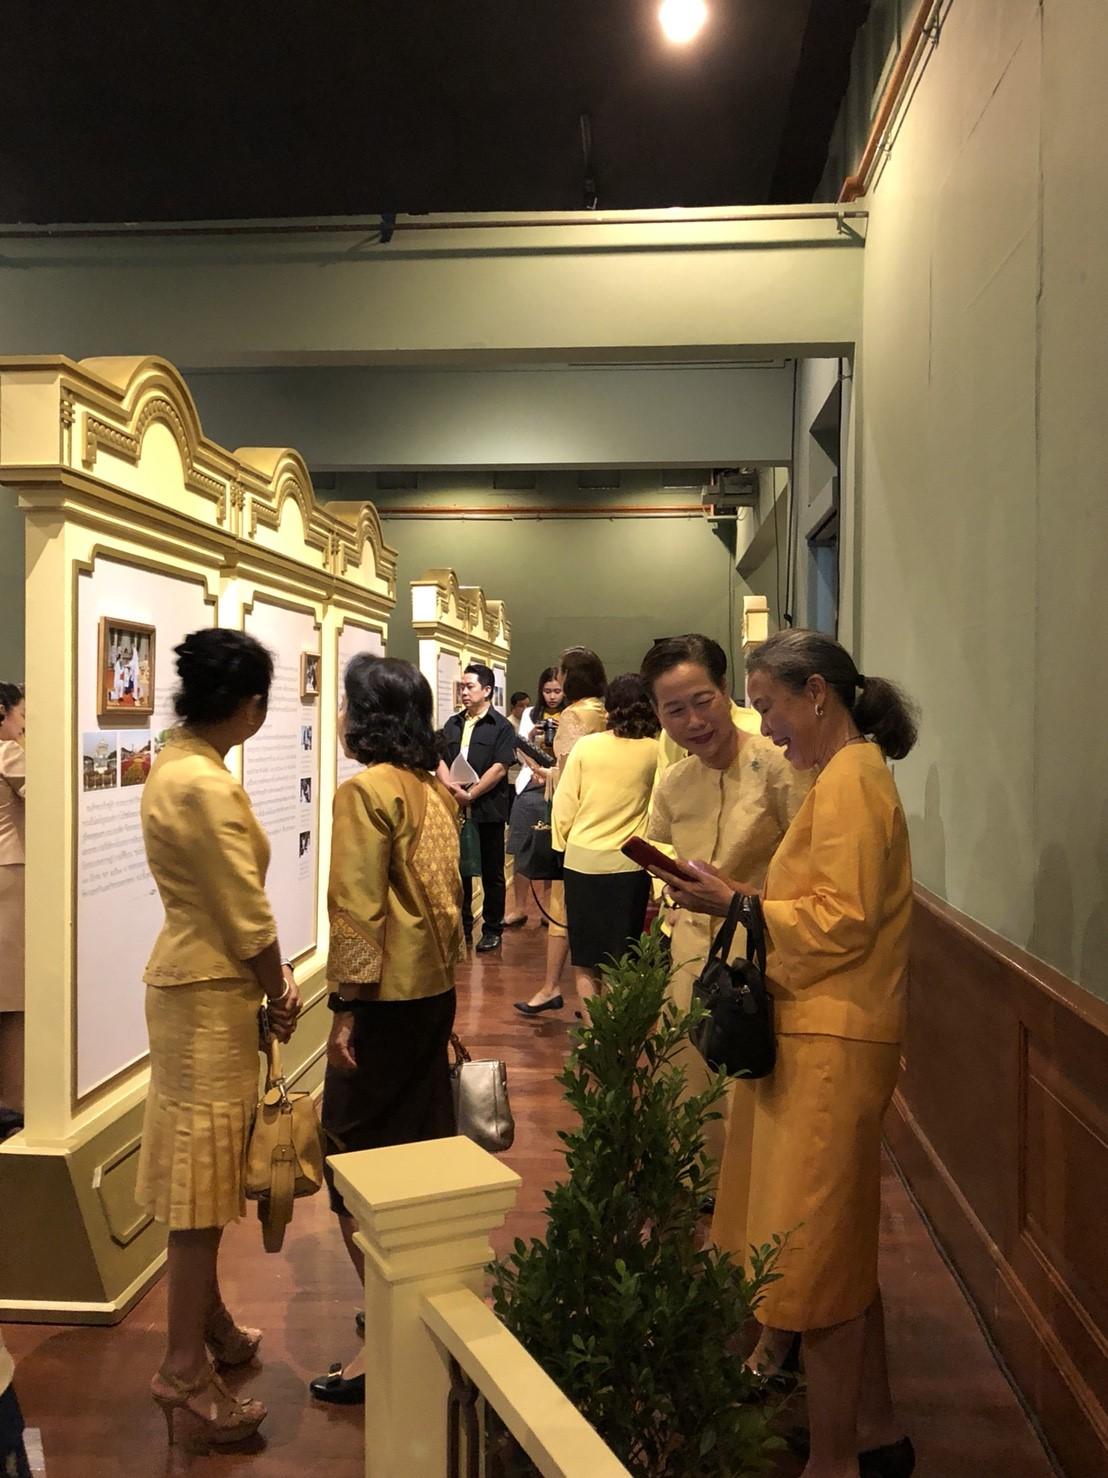 ร่วมพิธีเปิดนิทรรศการเฉลิมพระเกียรติสมเด็จพระเจ้าอยุ่หัวมหาวชิราลงกรณ บดินทรเทพยางกูร